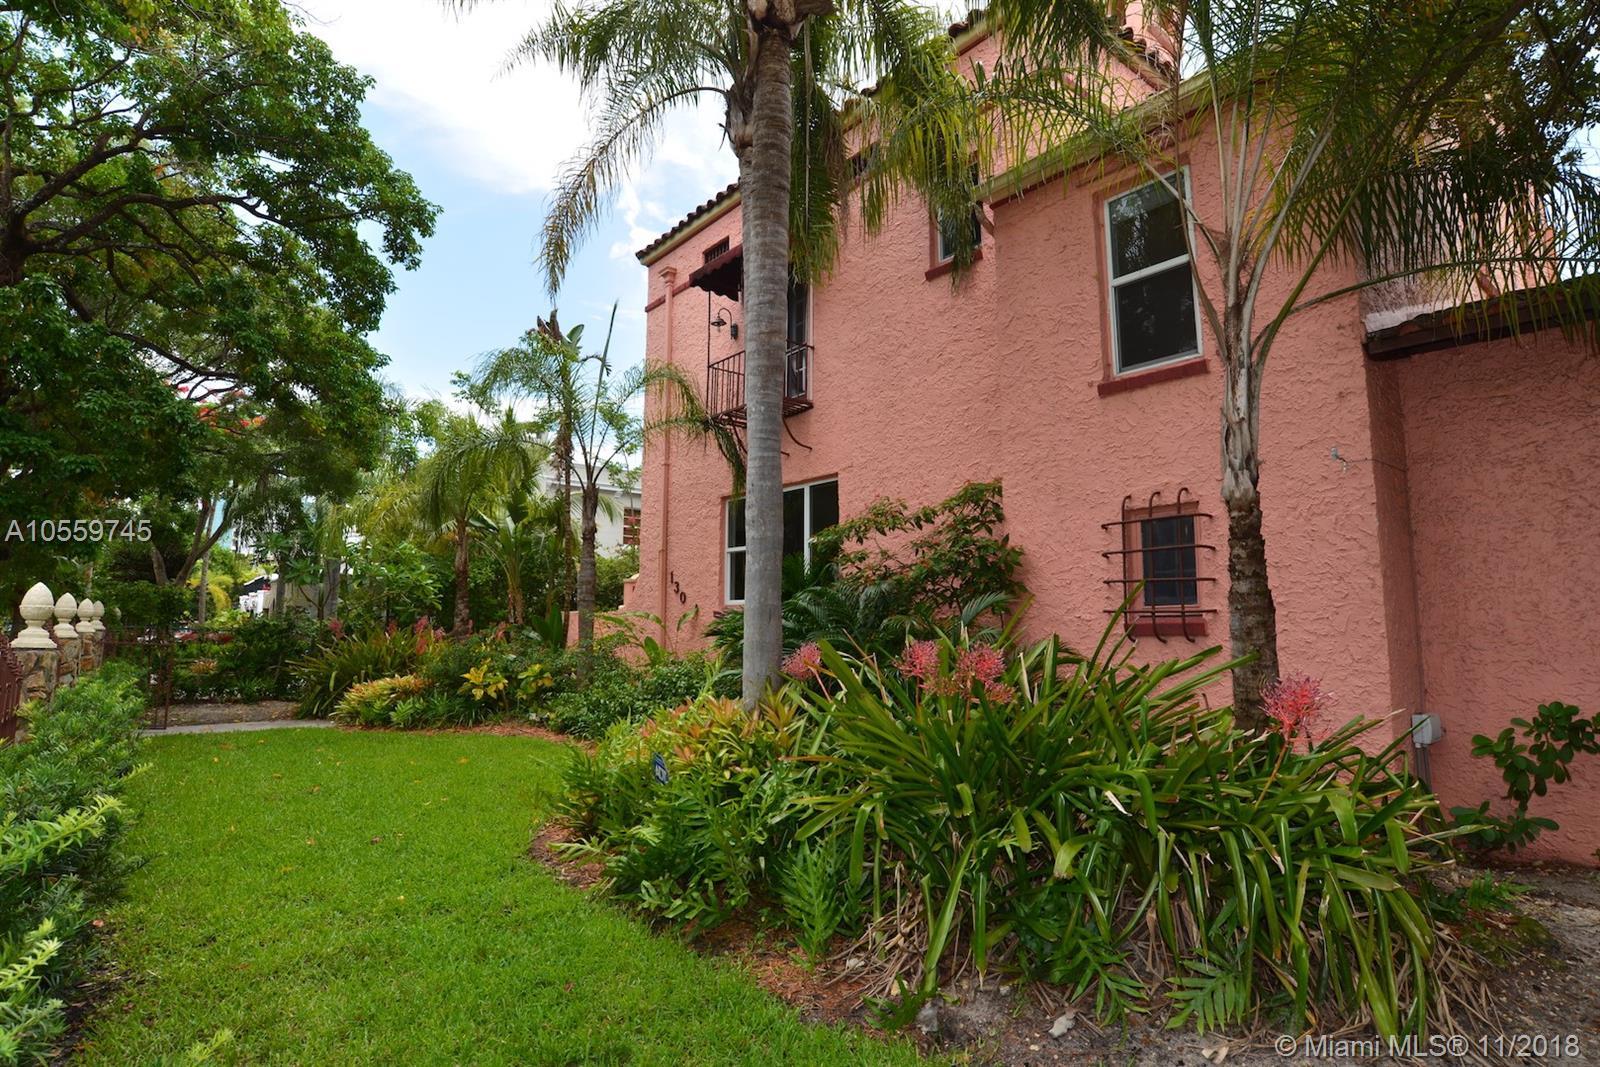 130 NE 45th St, Miami FL 33137